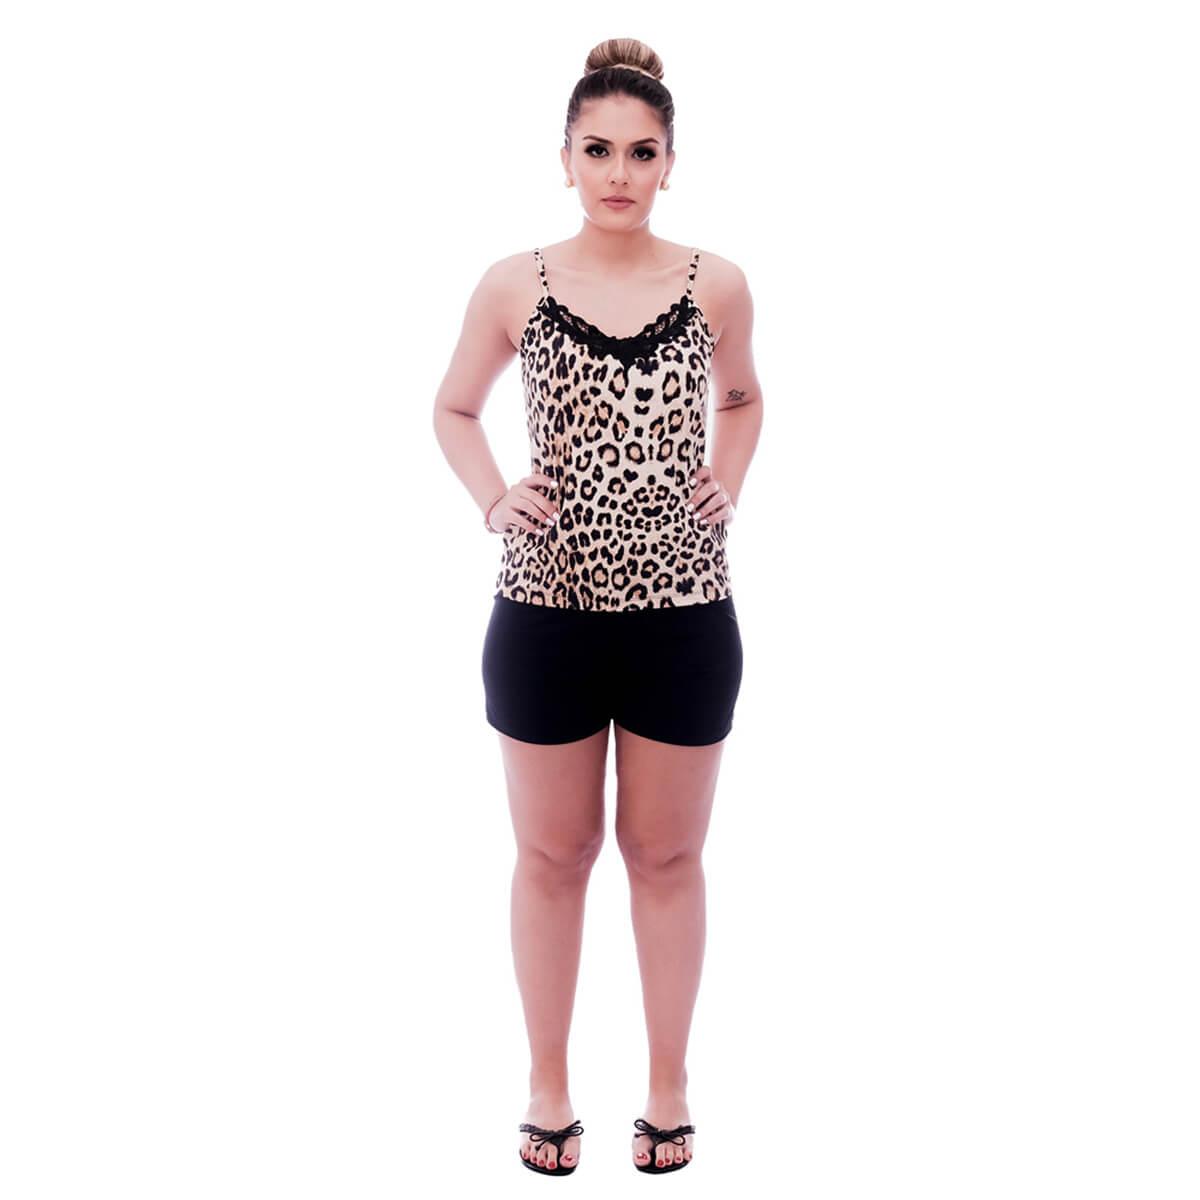 Short Doll de Blusa Alça Fina Estampa Animal Print de Onça com Renda Guipir Preta no Decote e Short Preto